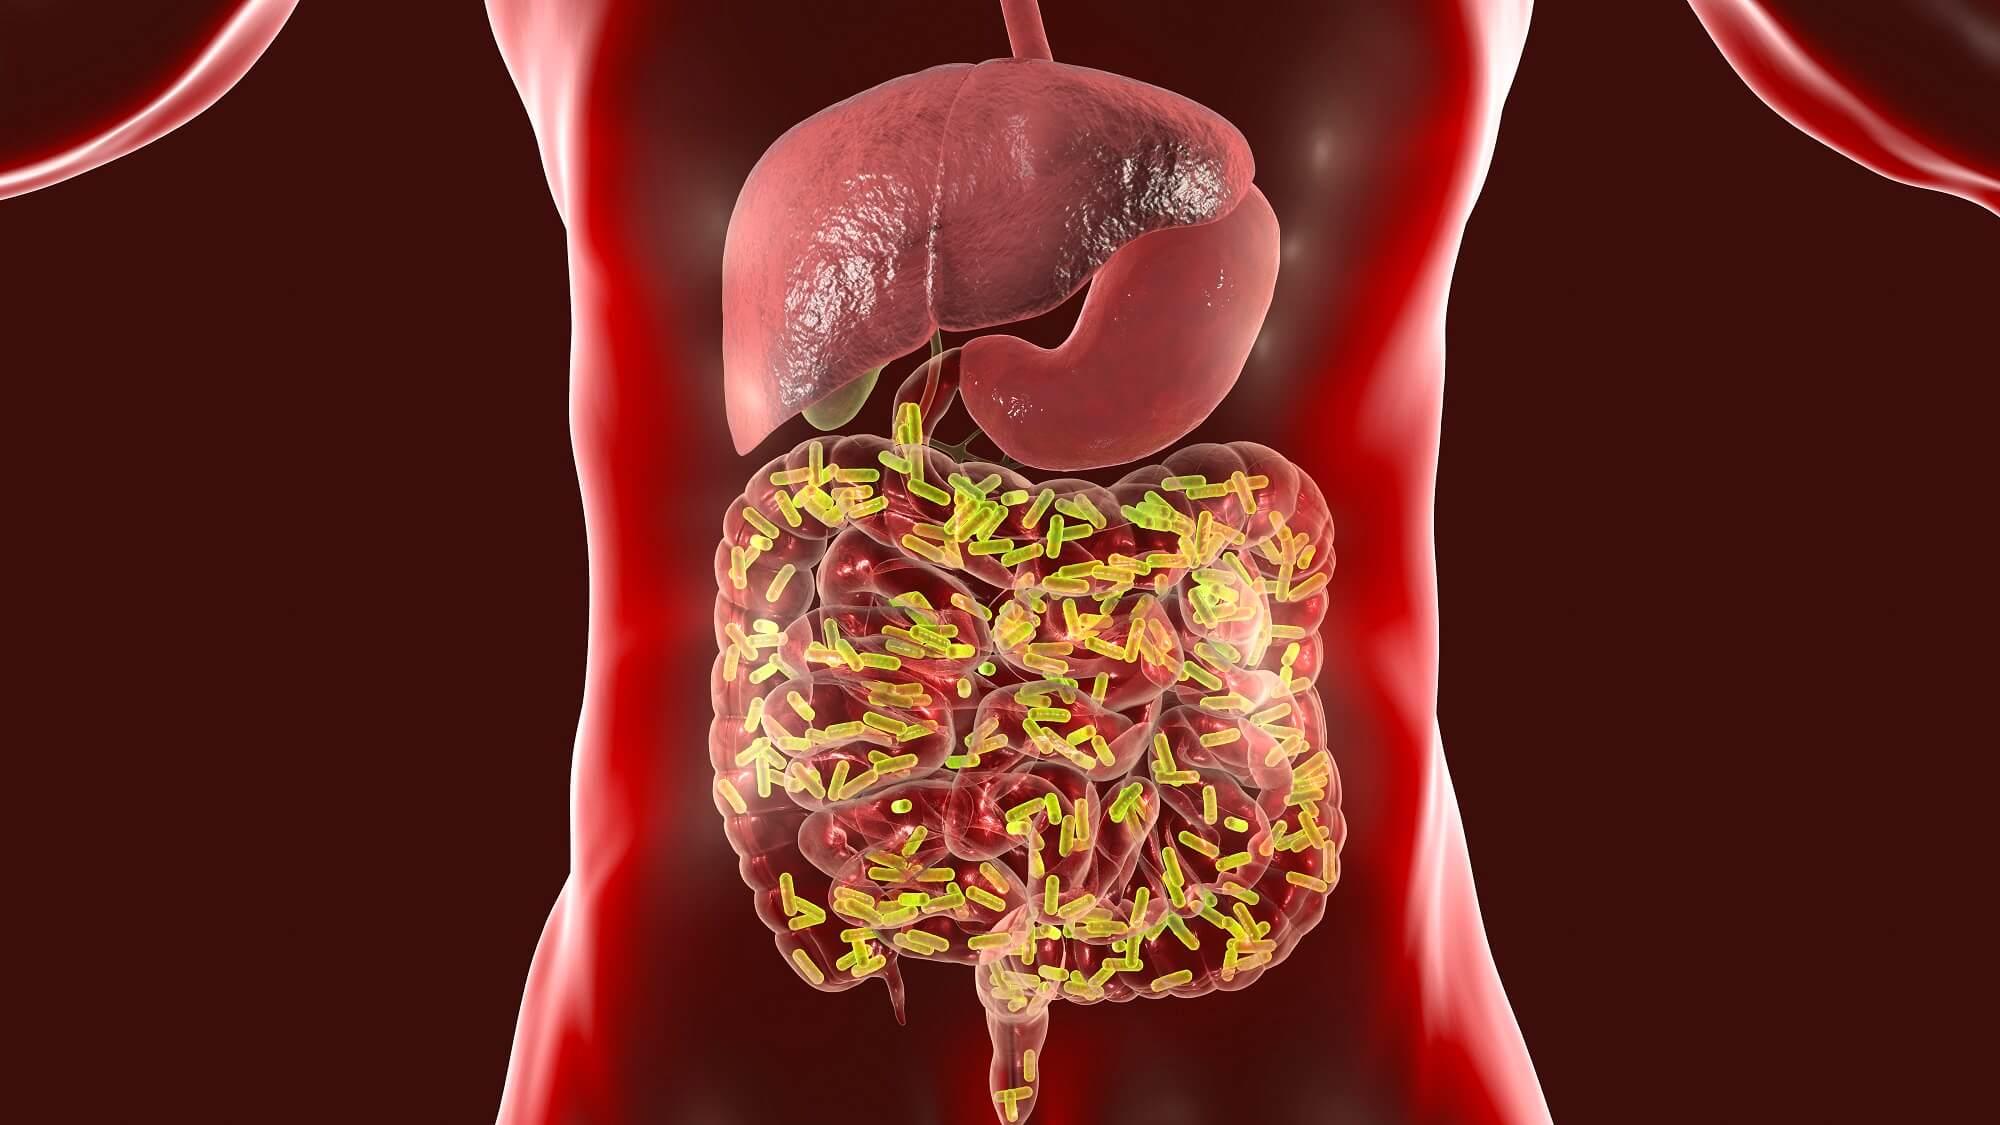 Найден один из механизмов влияния кишечных бактерий на настроение